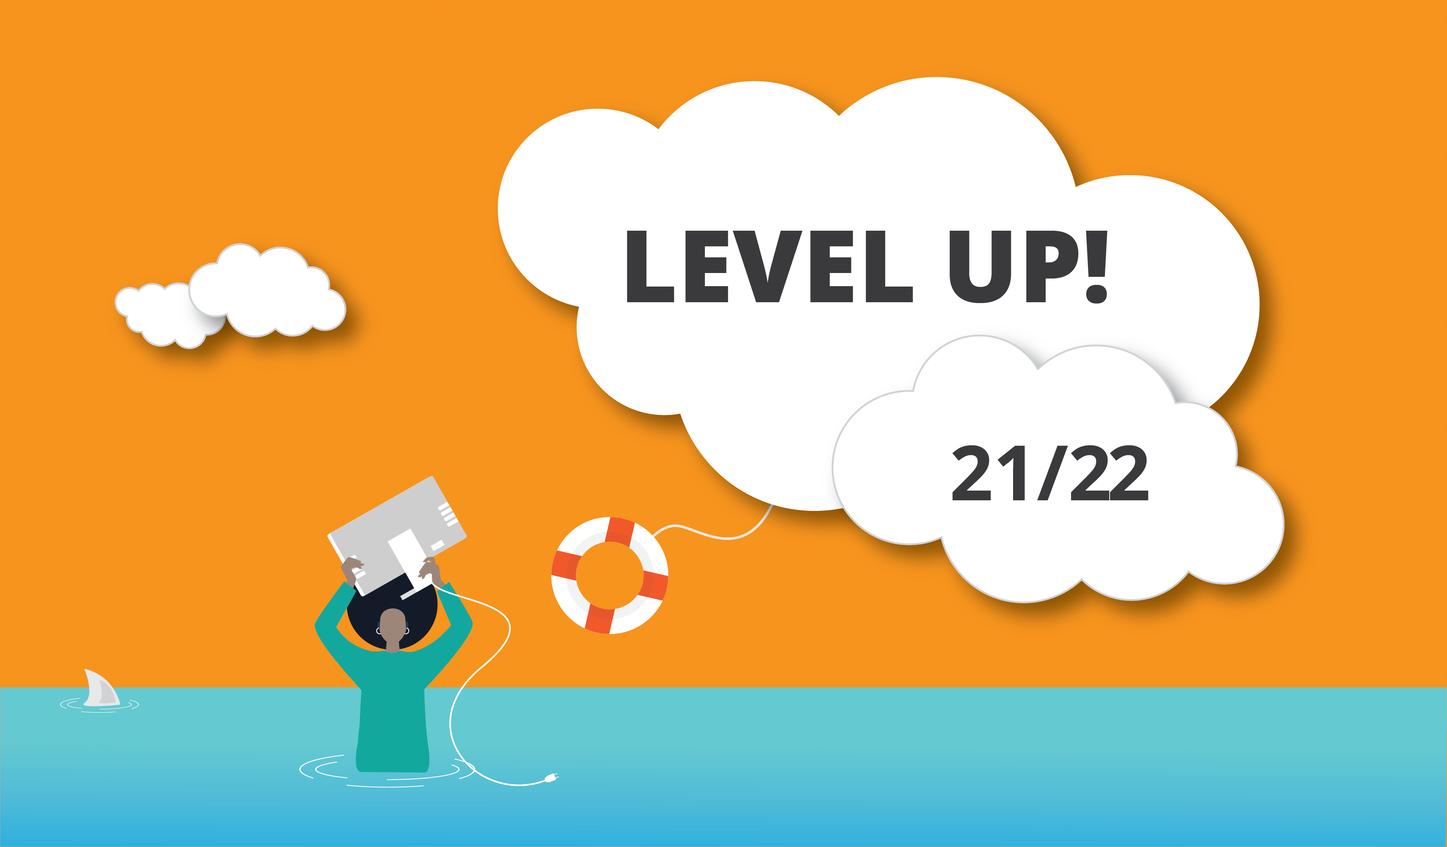 Level Up 2021/22